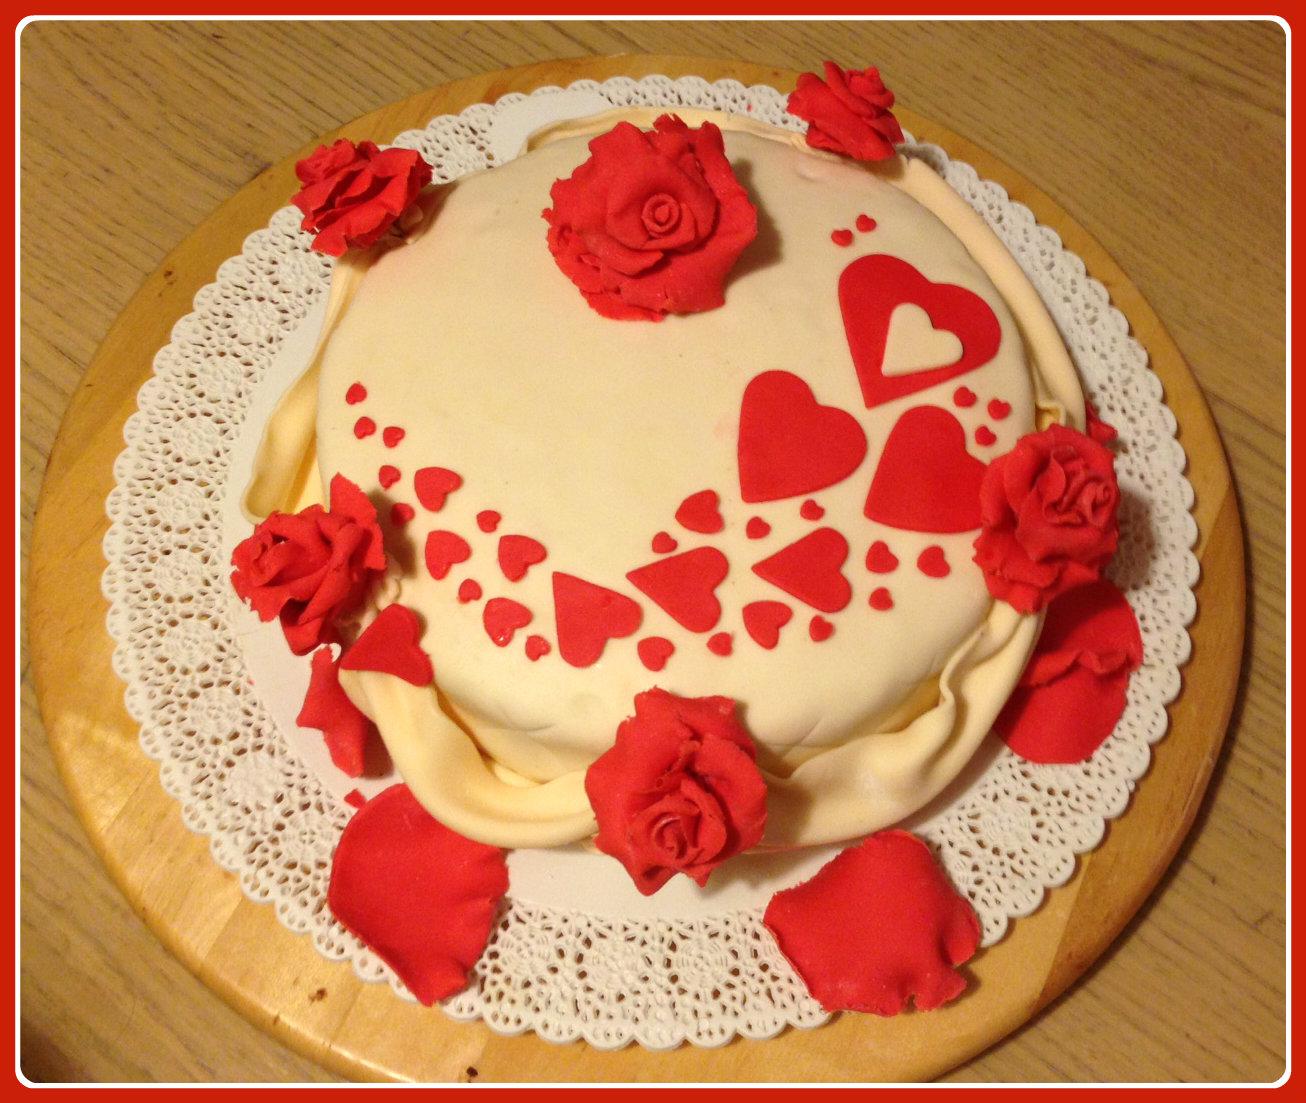 Torta al cioccolato per san valentino i dolci di zia chicca - Decori per san valentino ...